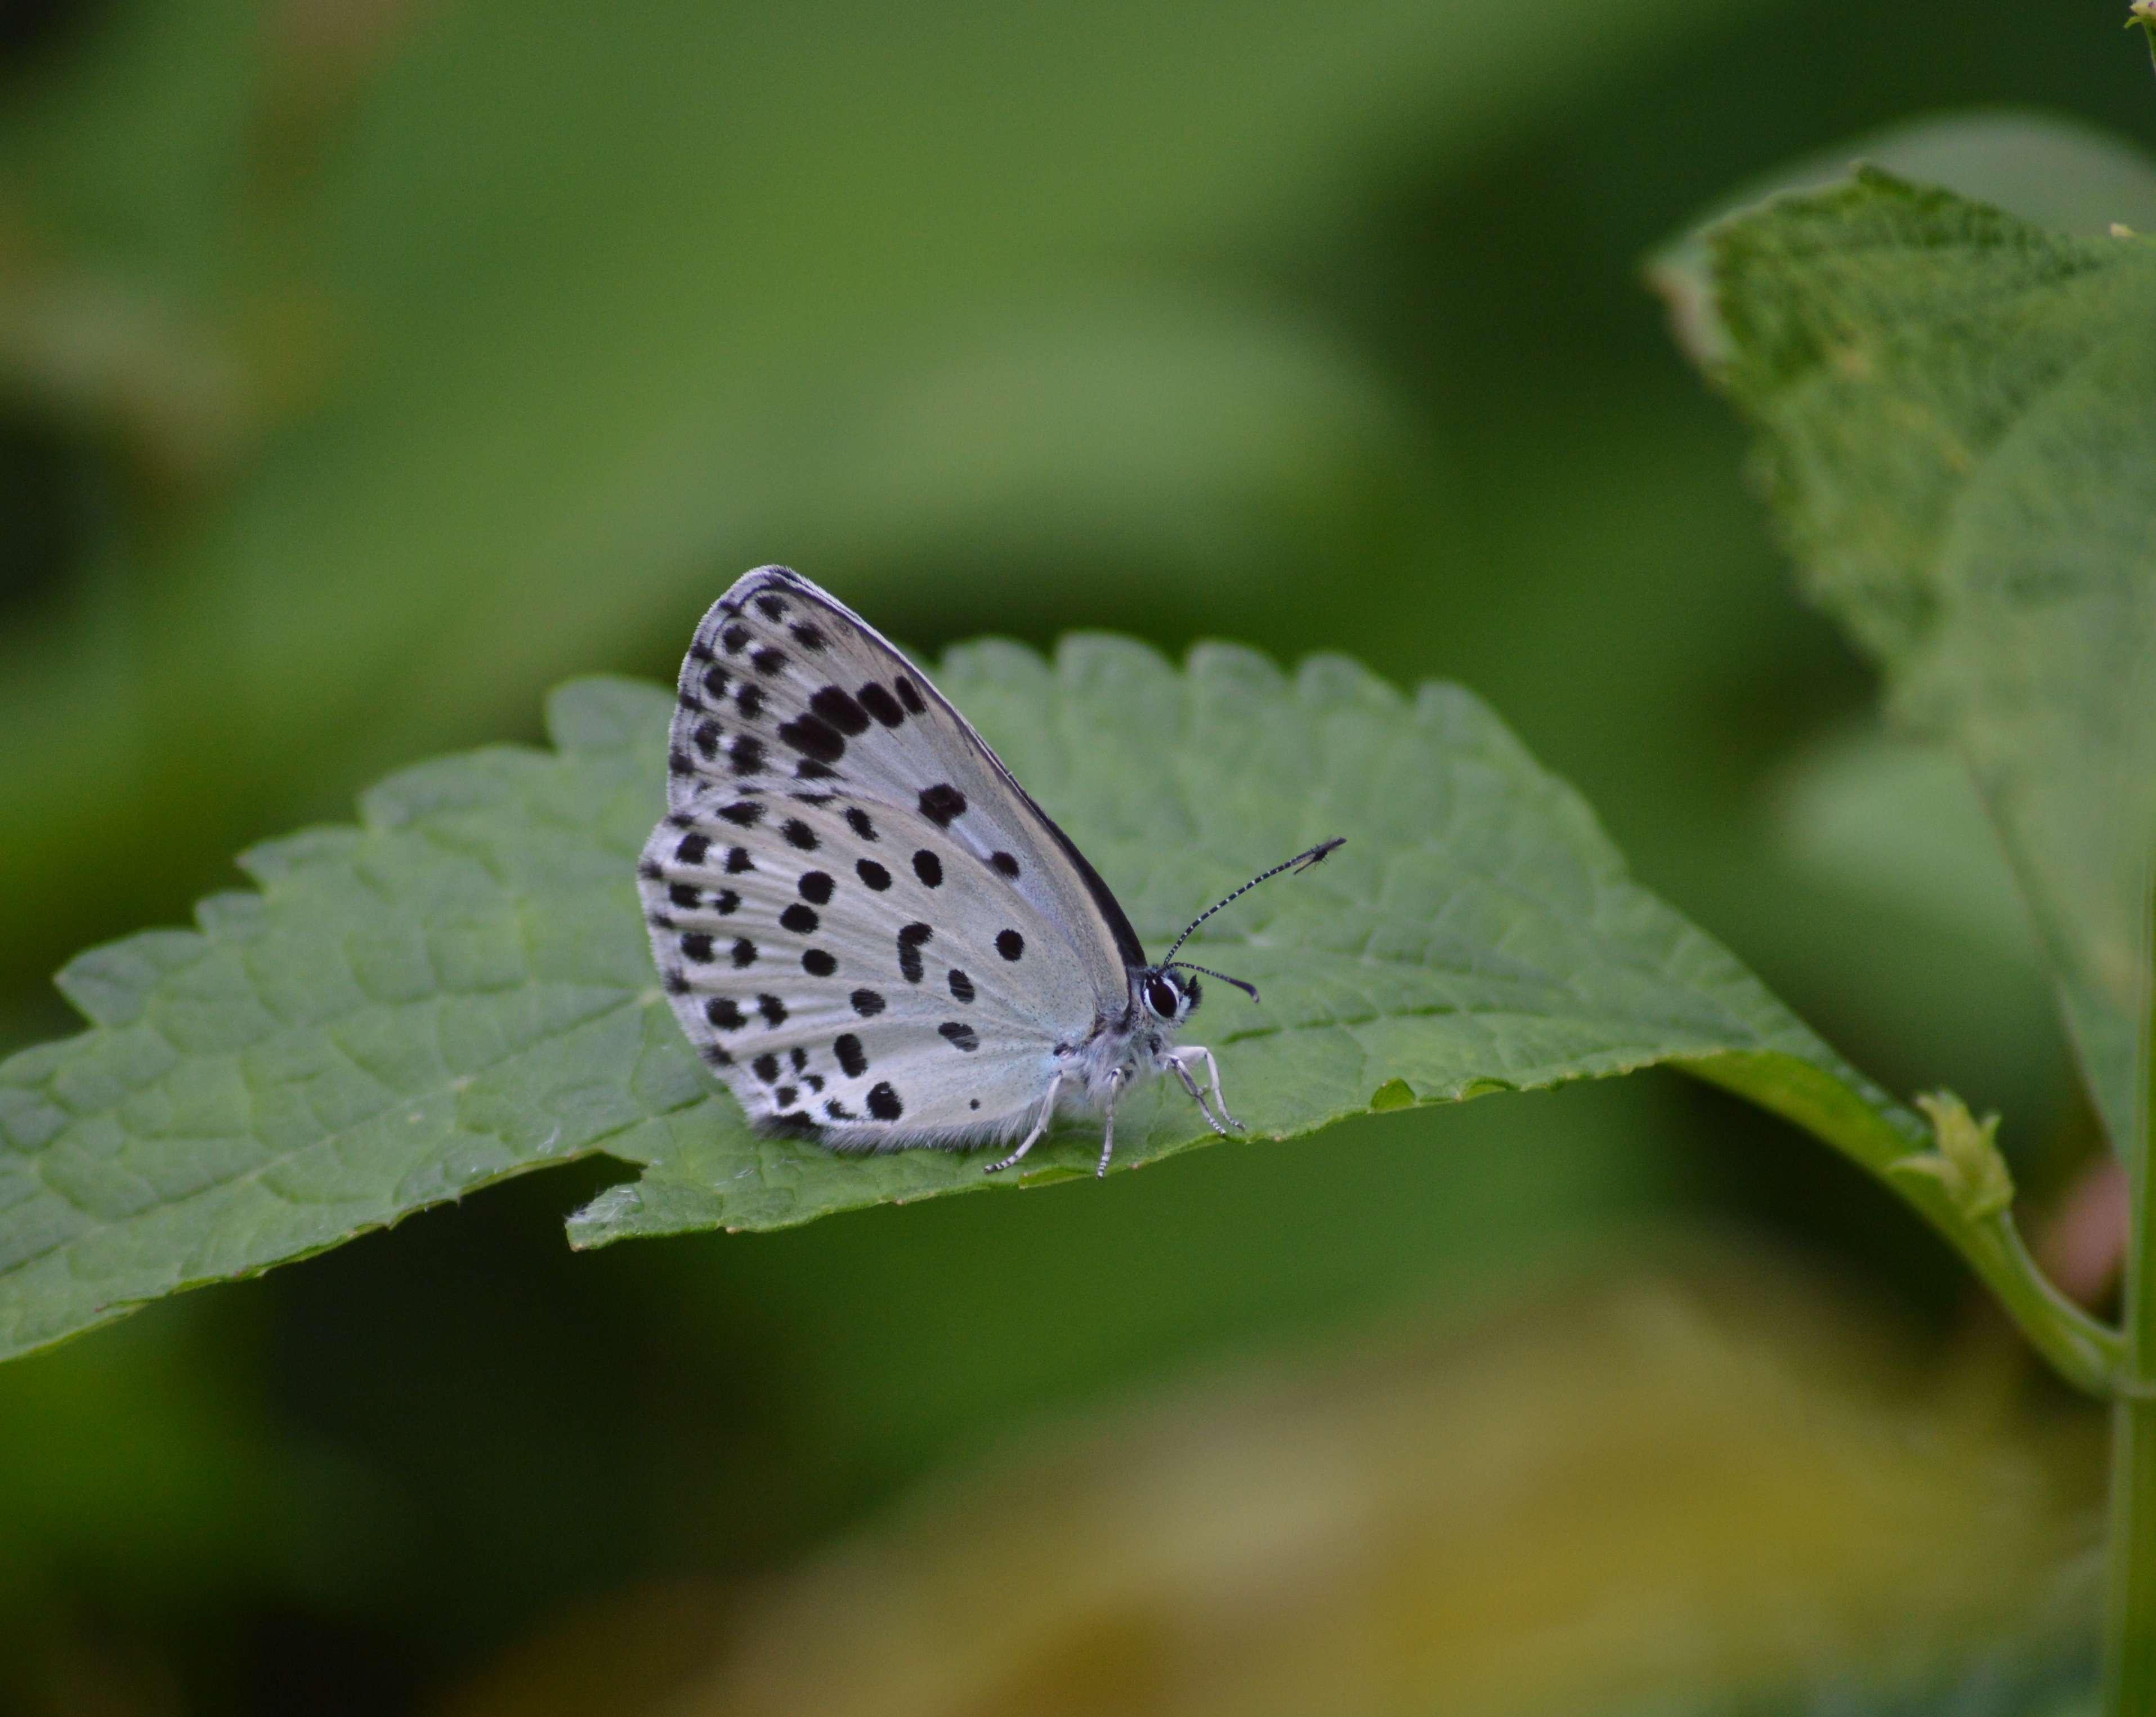 オオゴマシジミ やっぱりハードルの高い蝶でした_d0254540_15175246.jpg